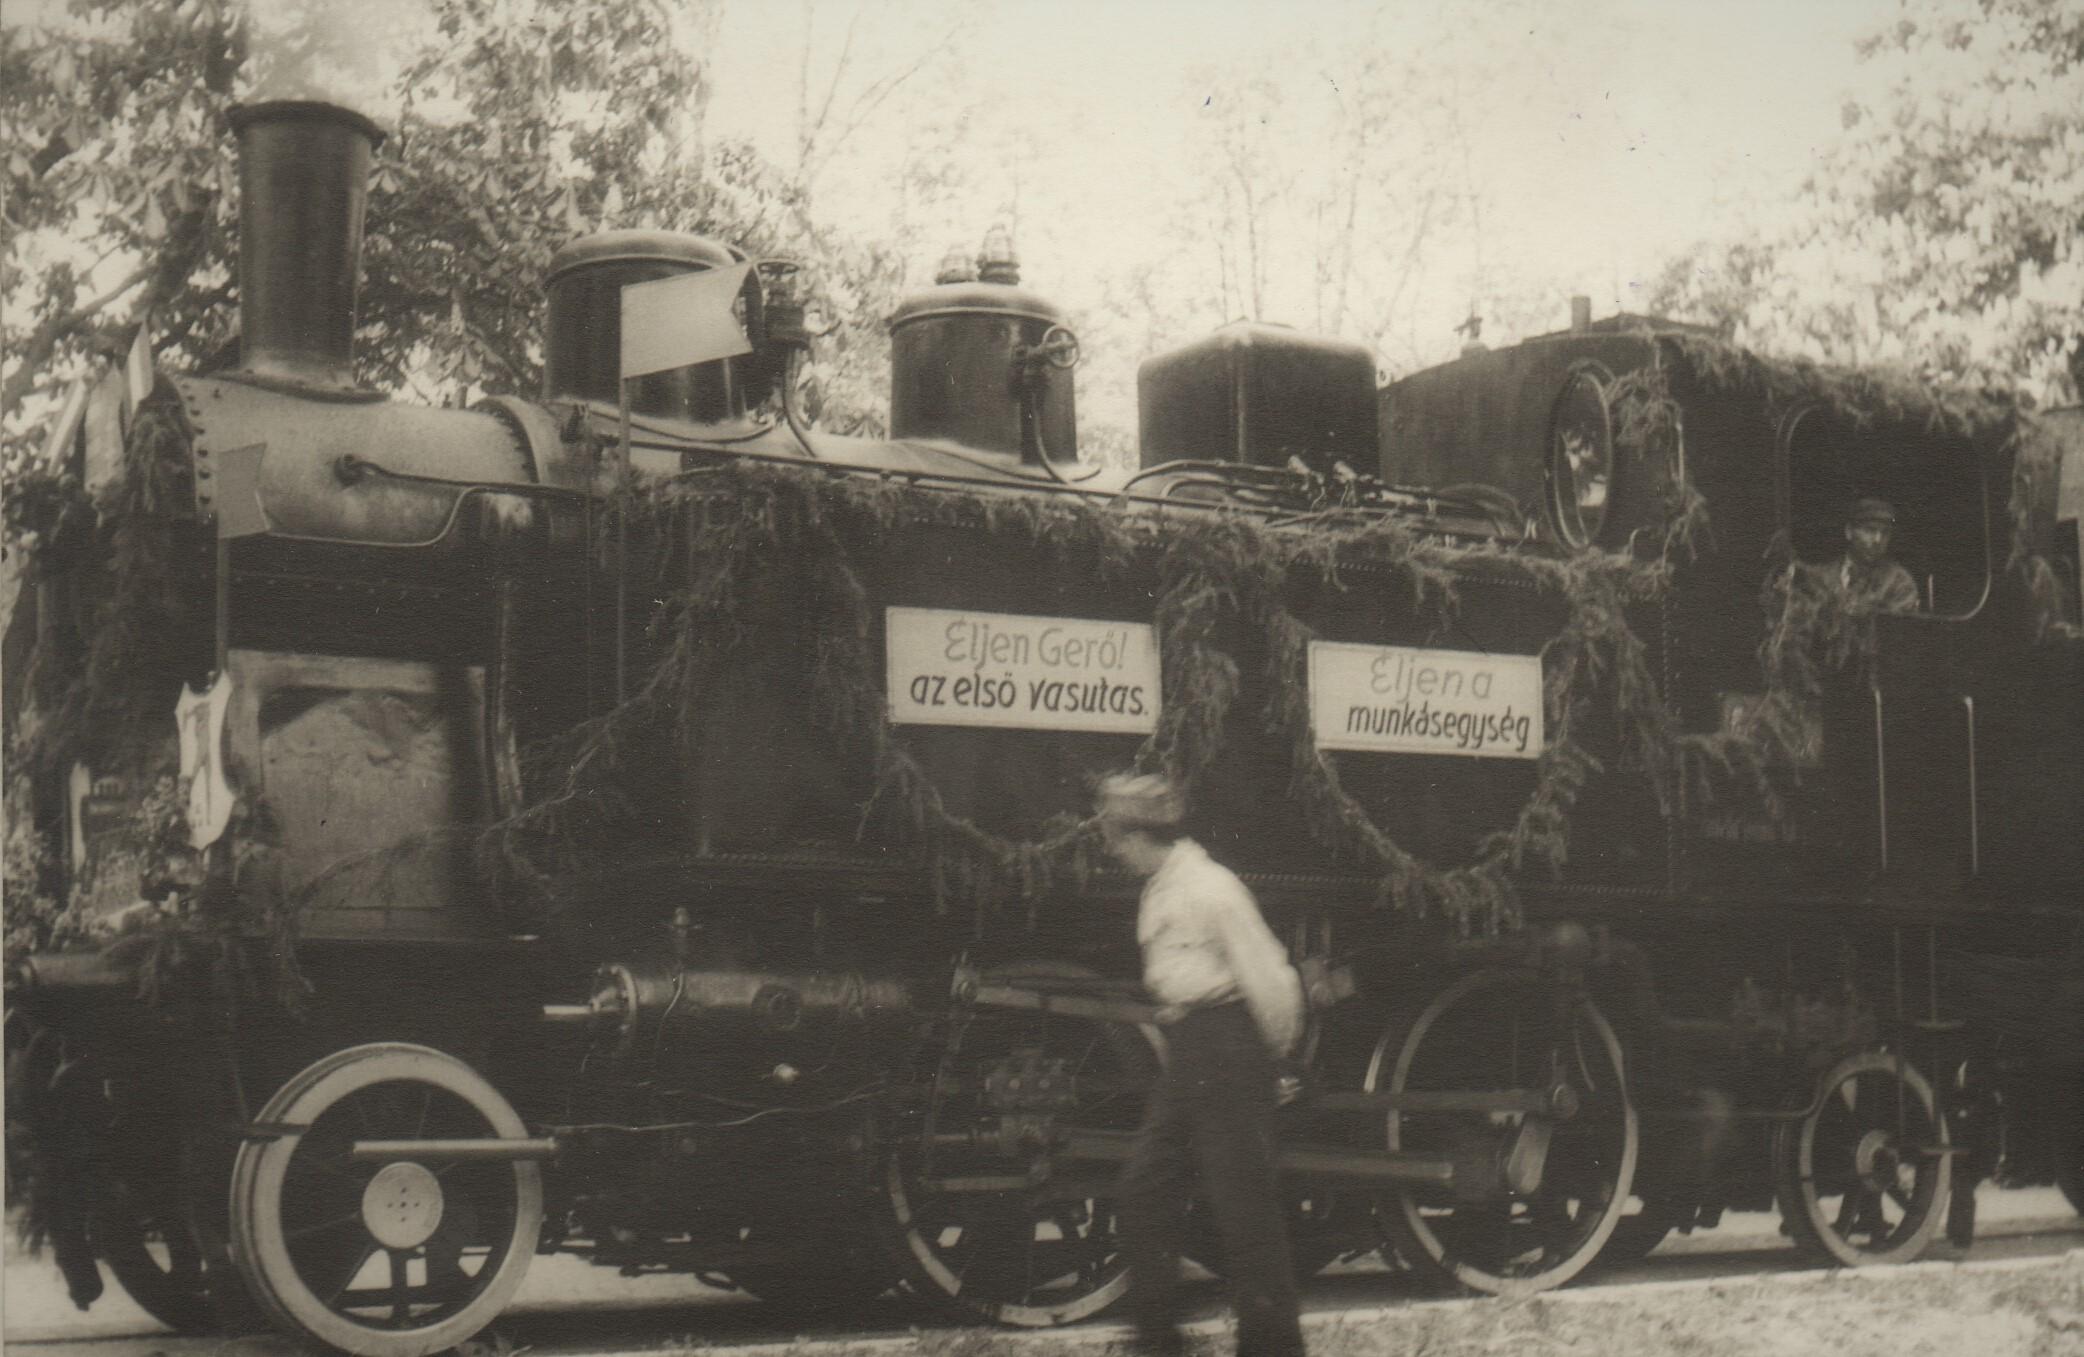 85_253_20_1_helyreallitott_mozdony_1947.jpg